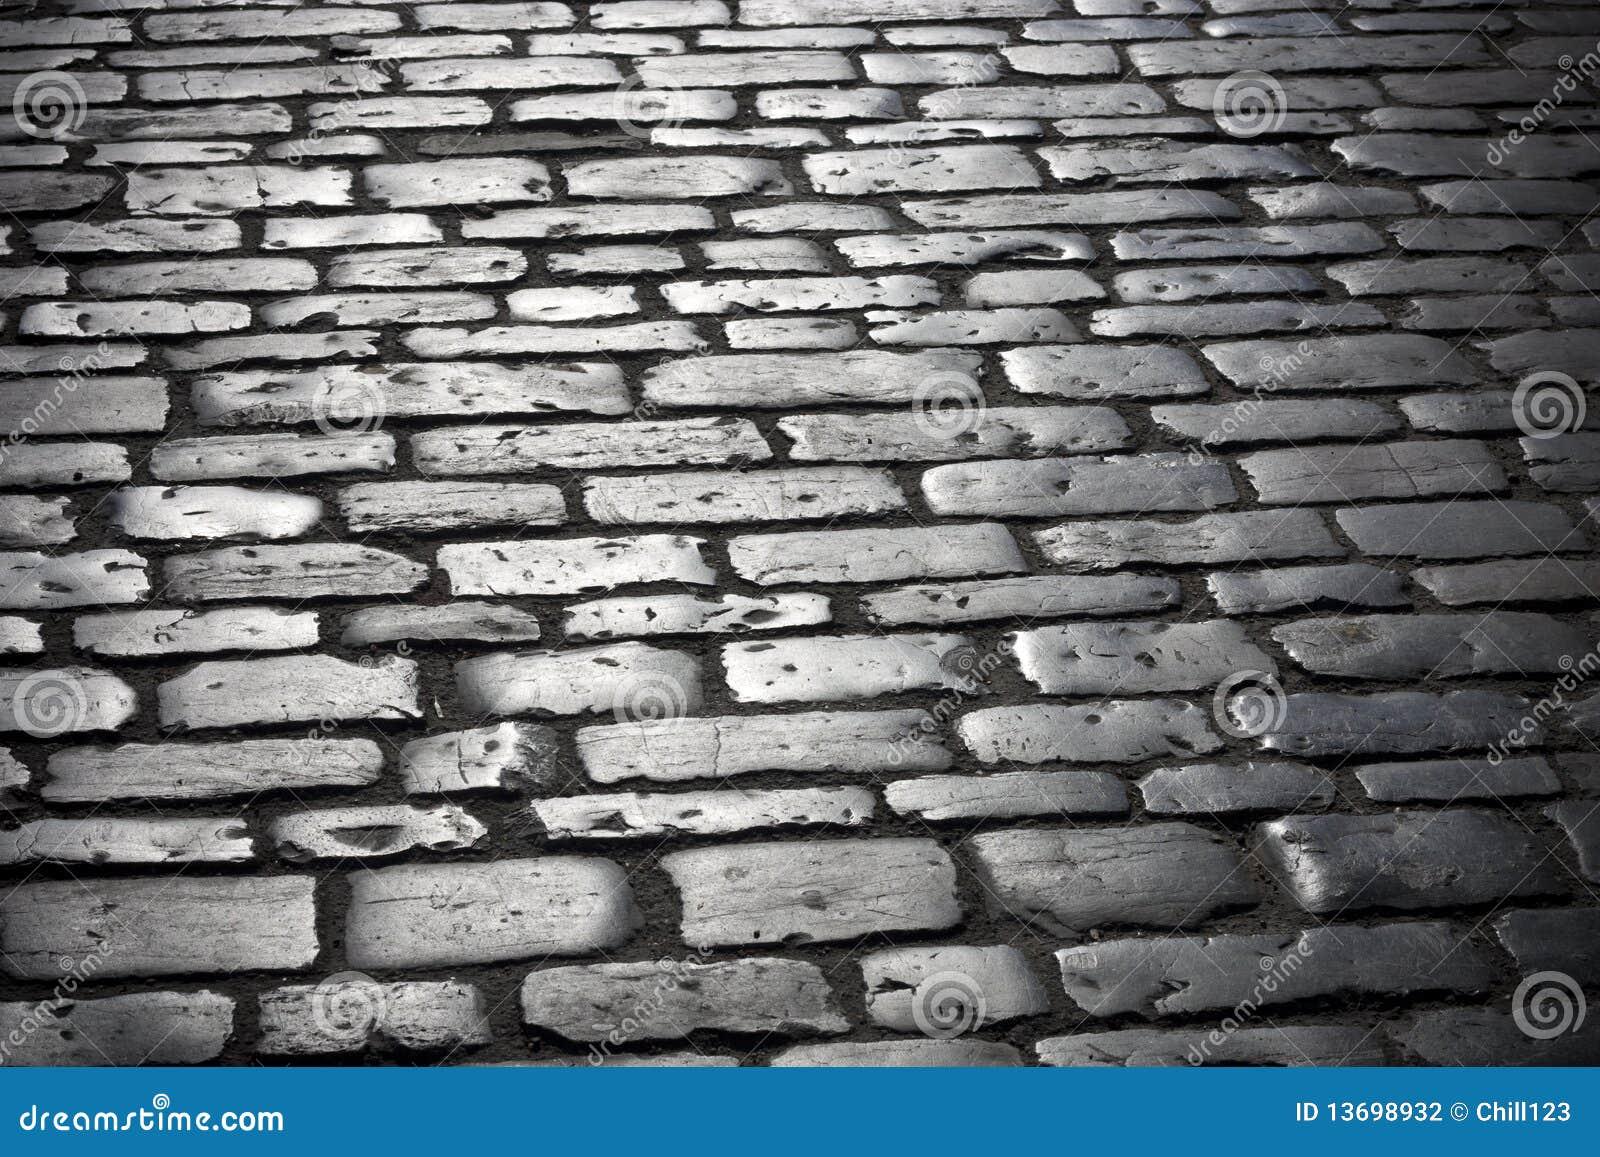 Calle de los adoquines foto de archivo imagen de piedra for Adoquines de piedra precios